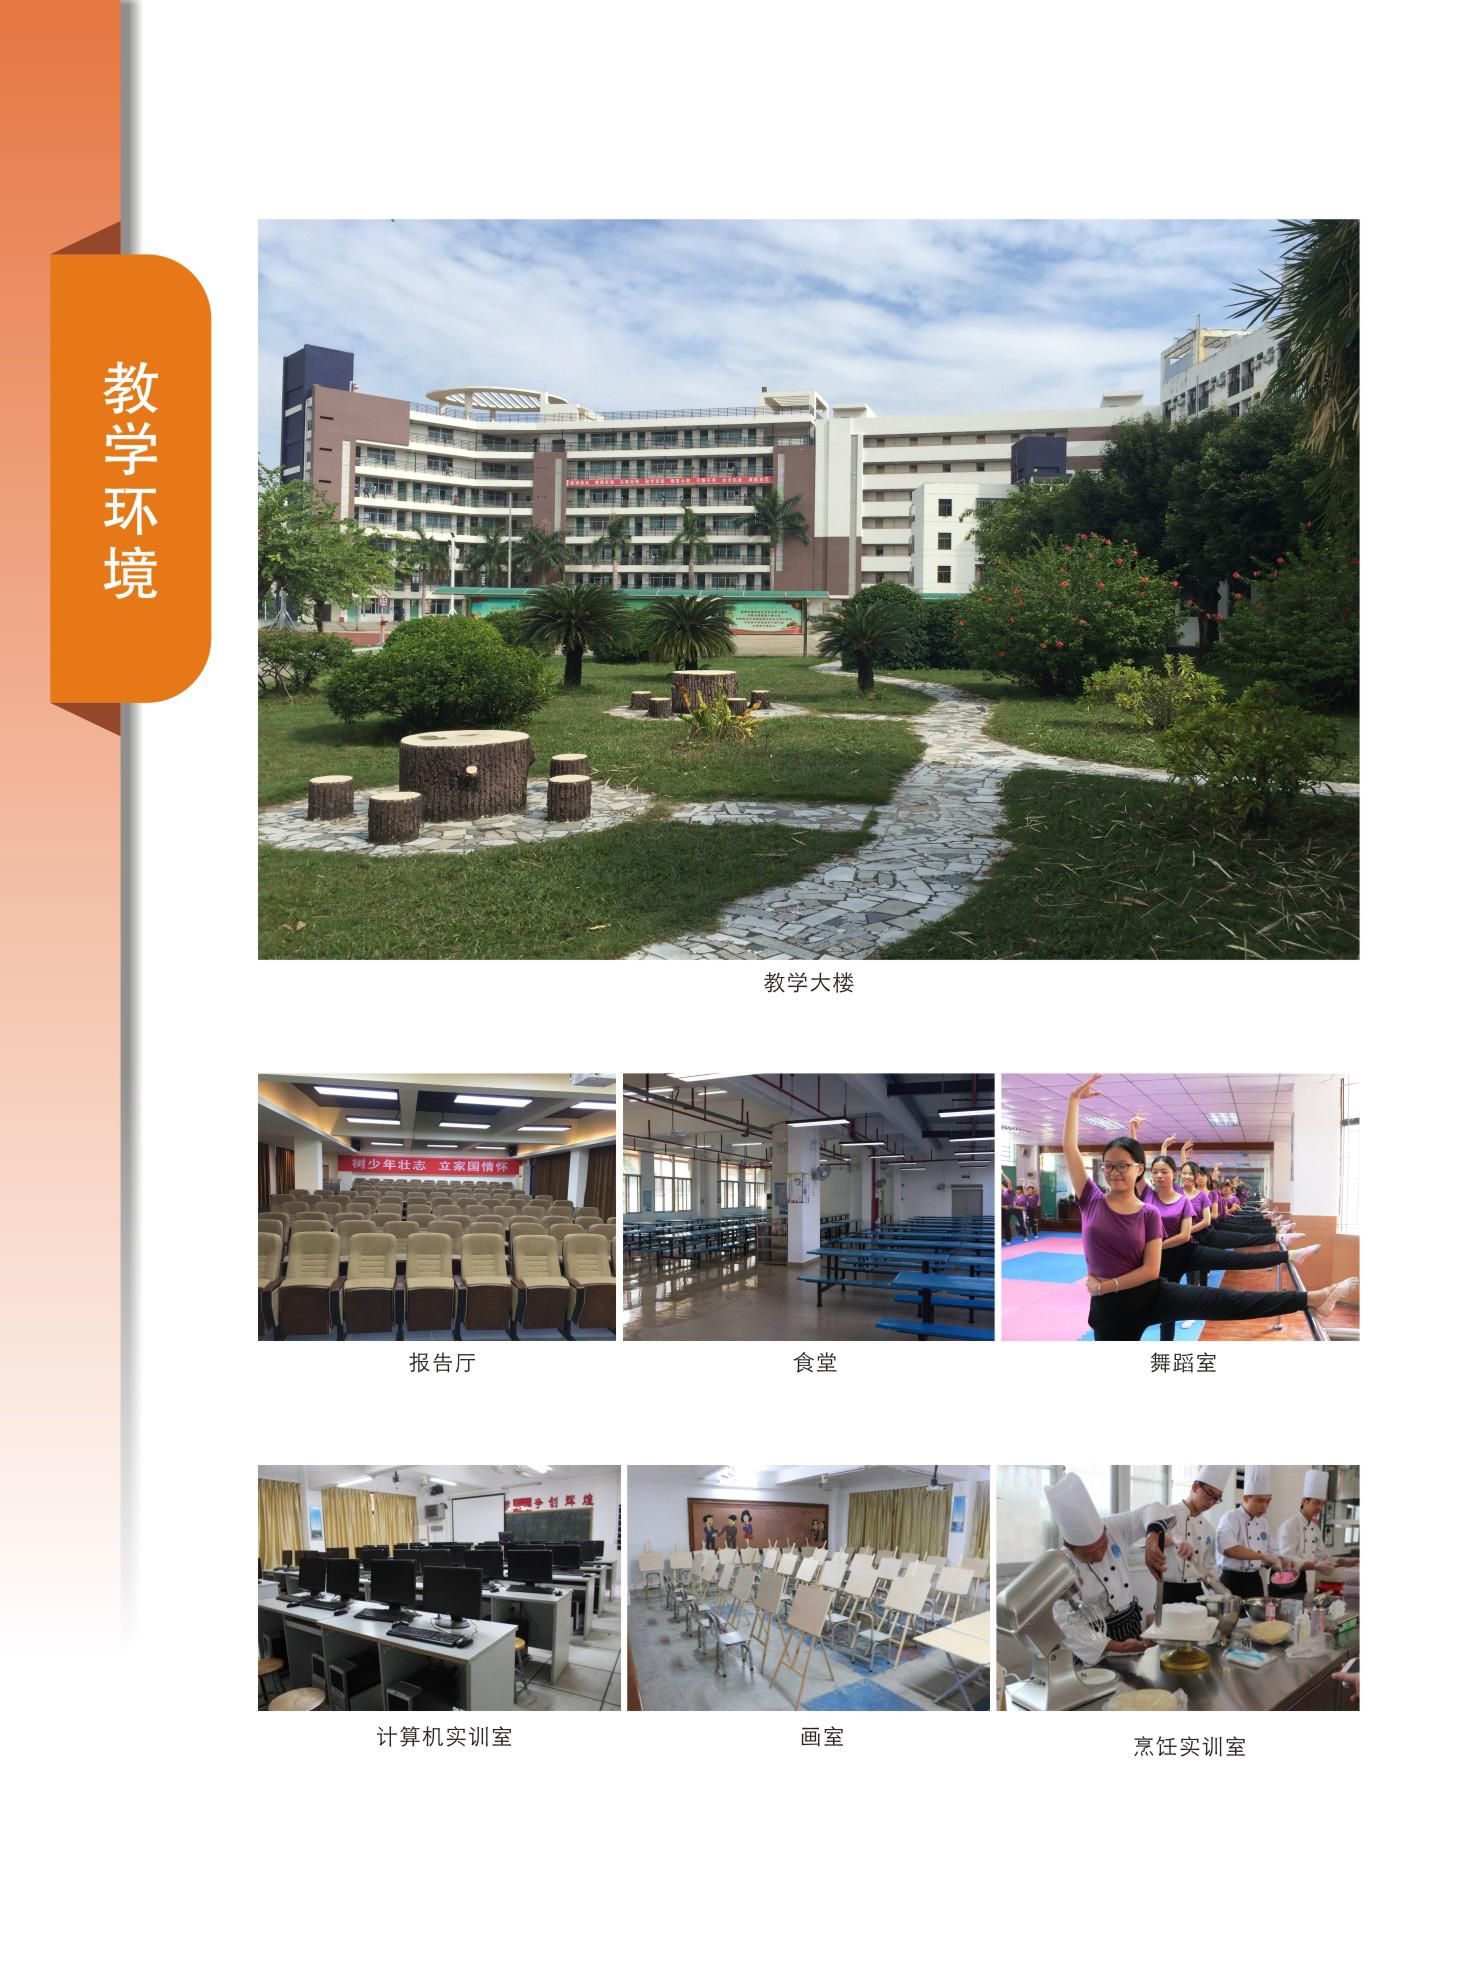 深圳市智理技工学校2019年招生简章教学环境